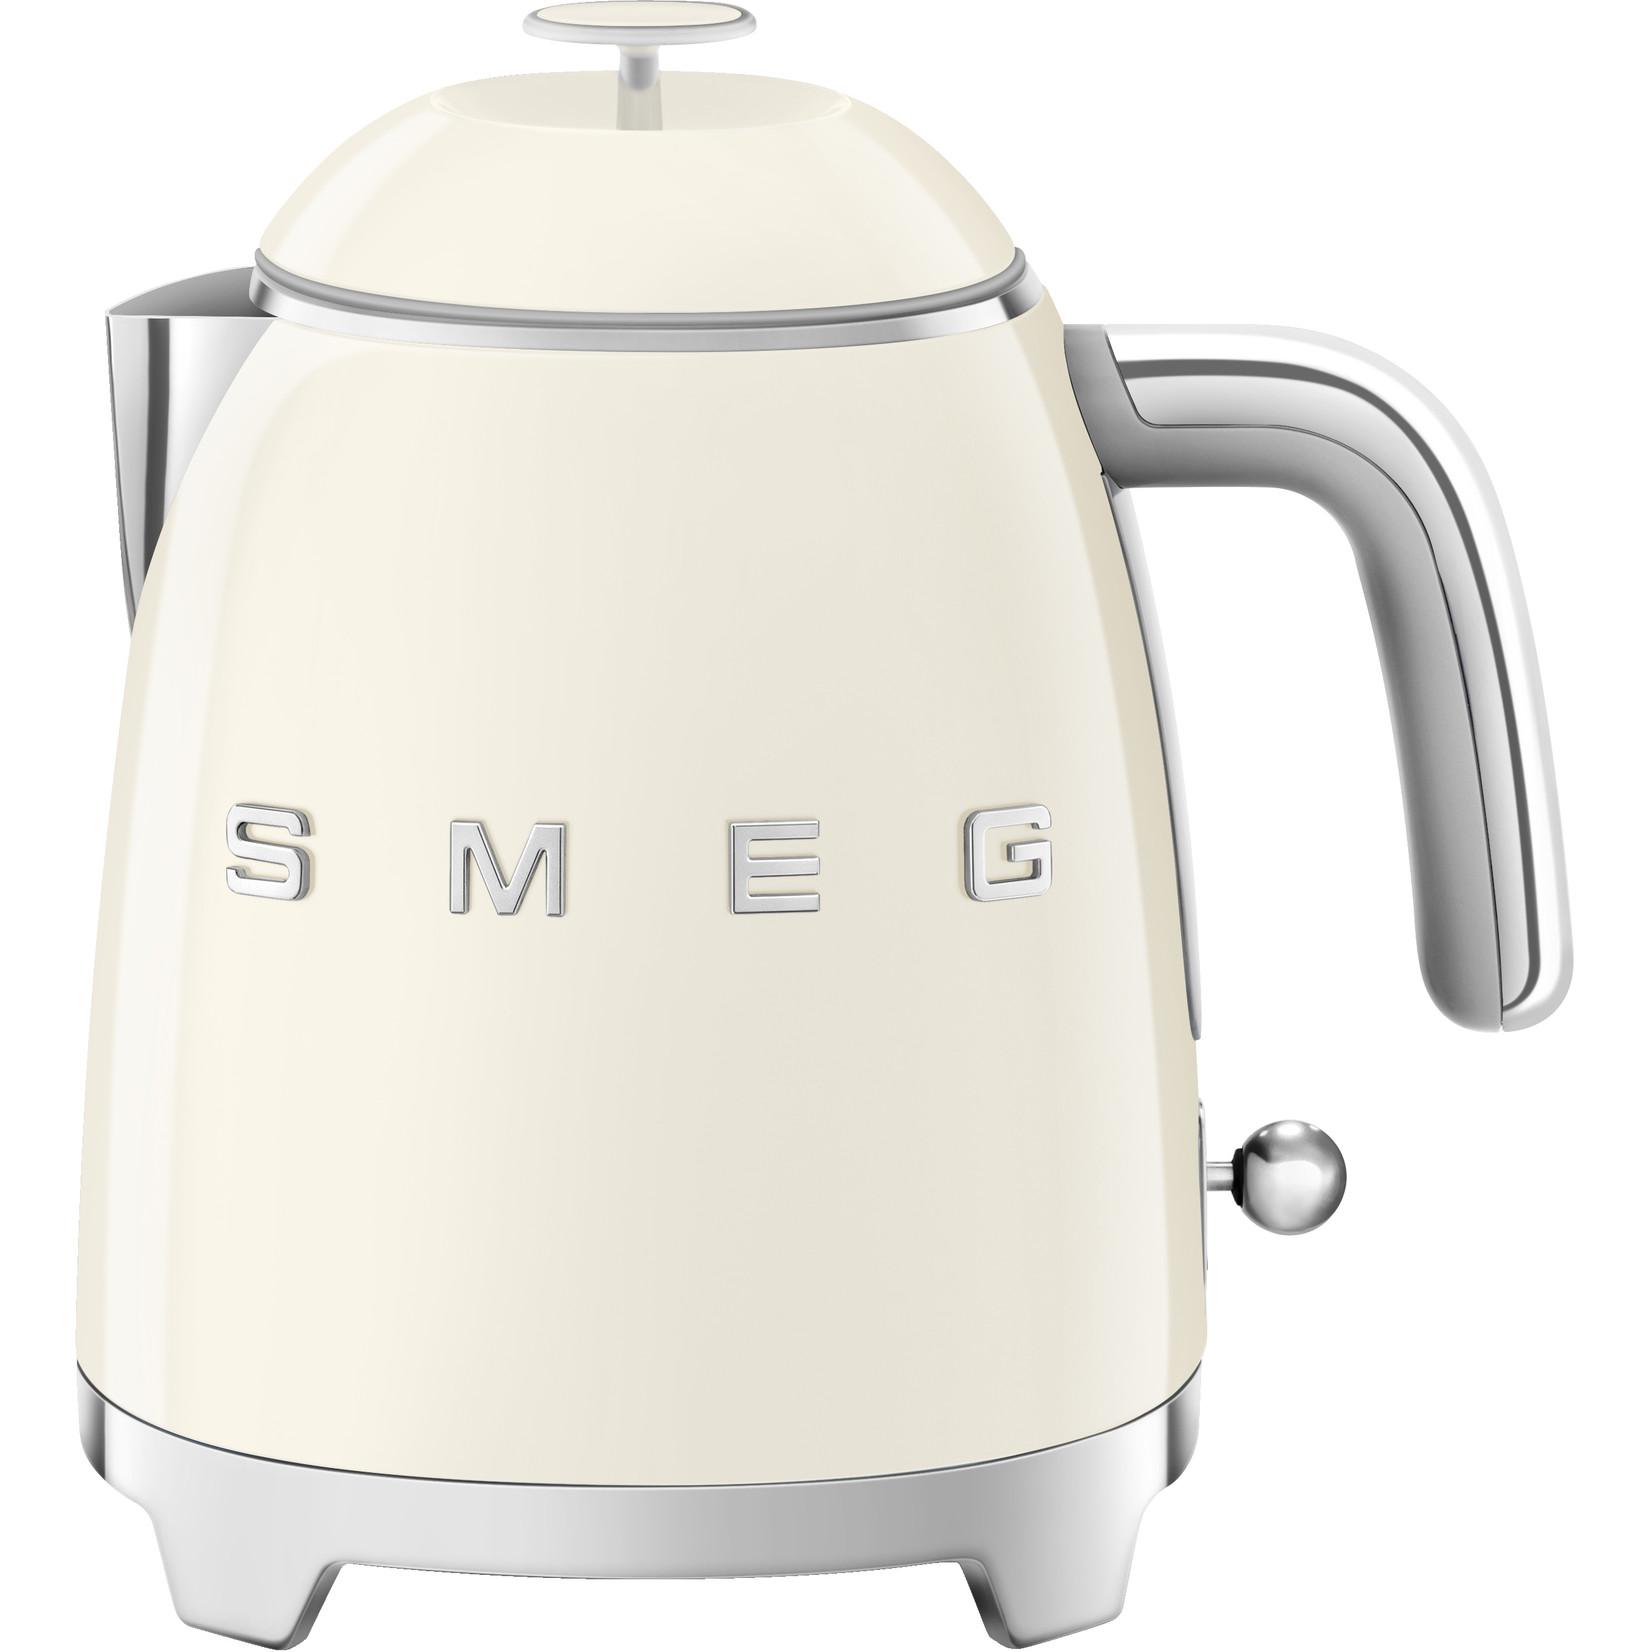 Smeg Smeg waterkoker 0,8 liter, crème